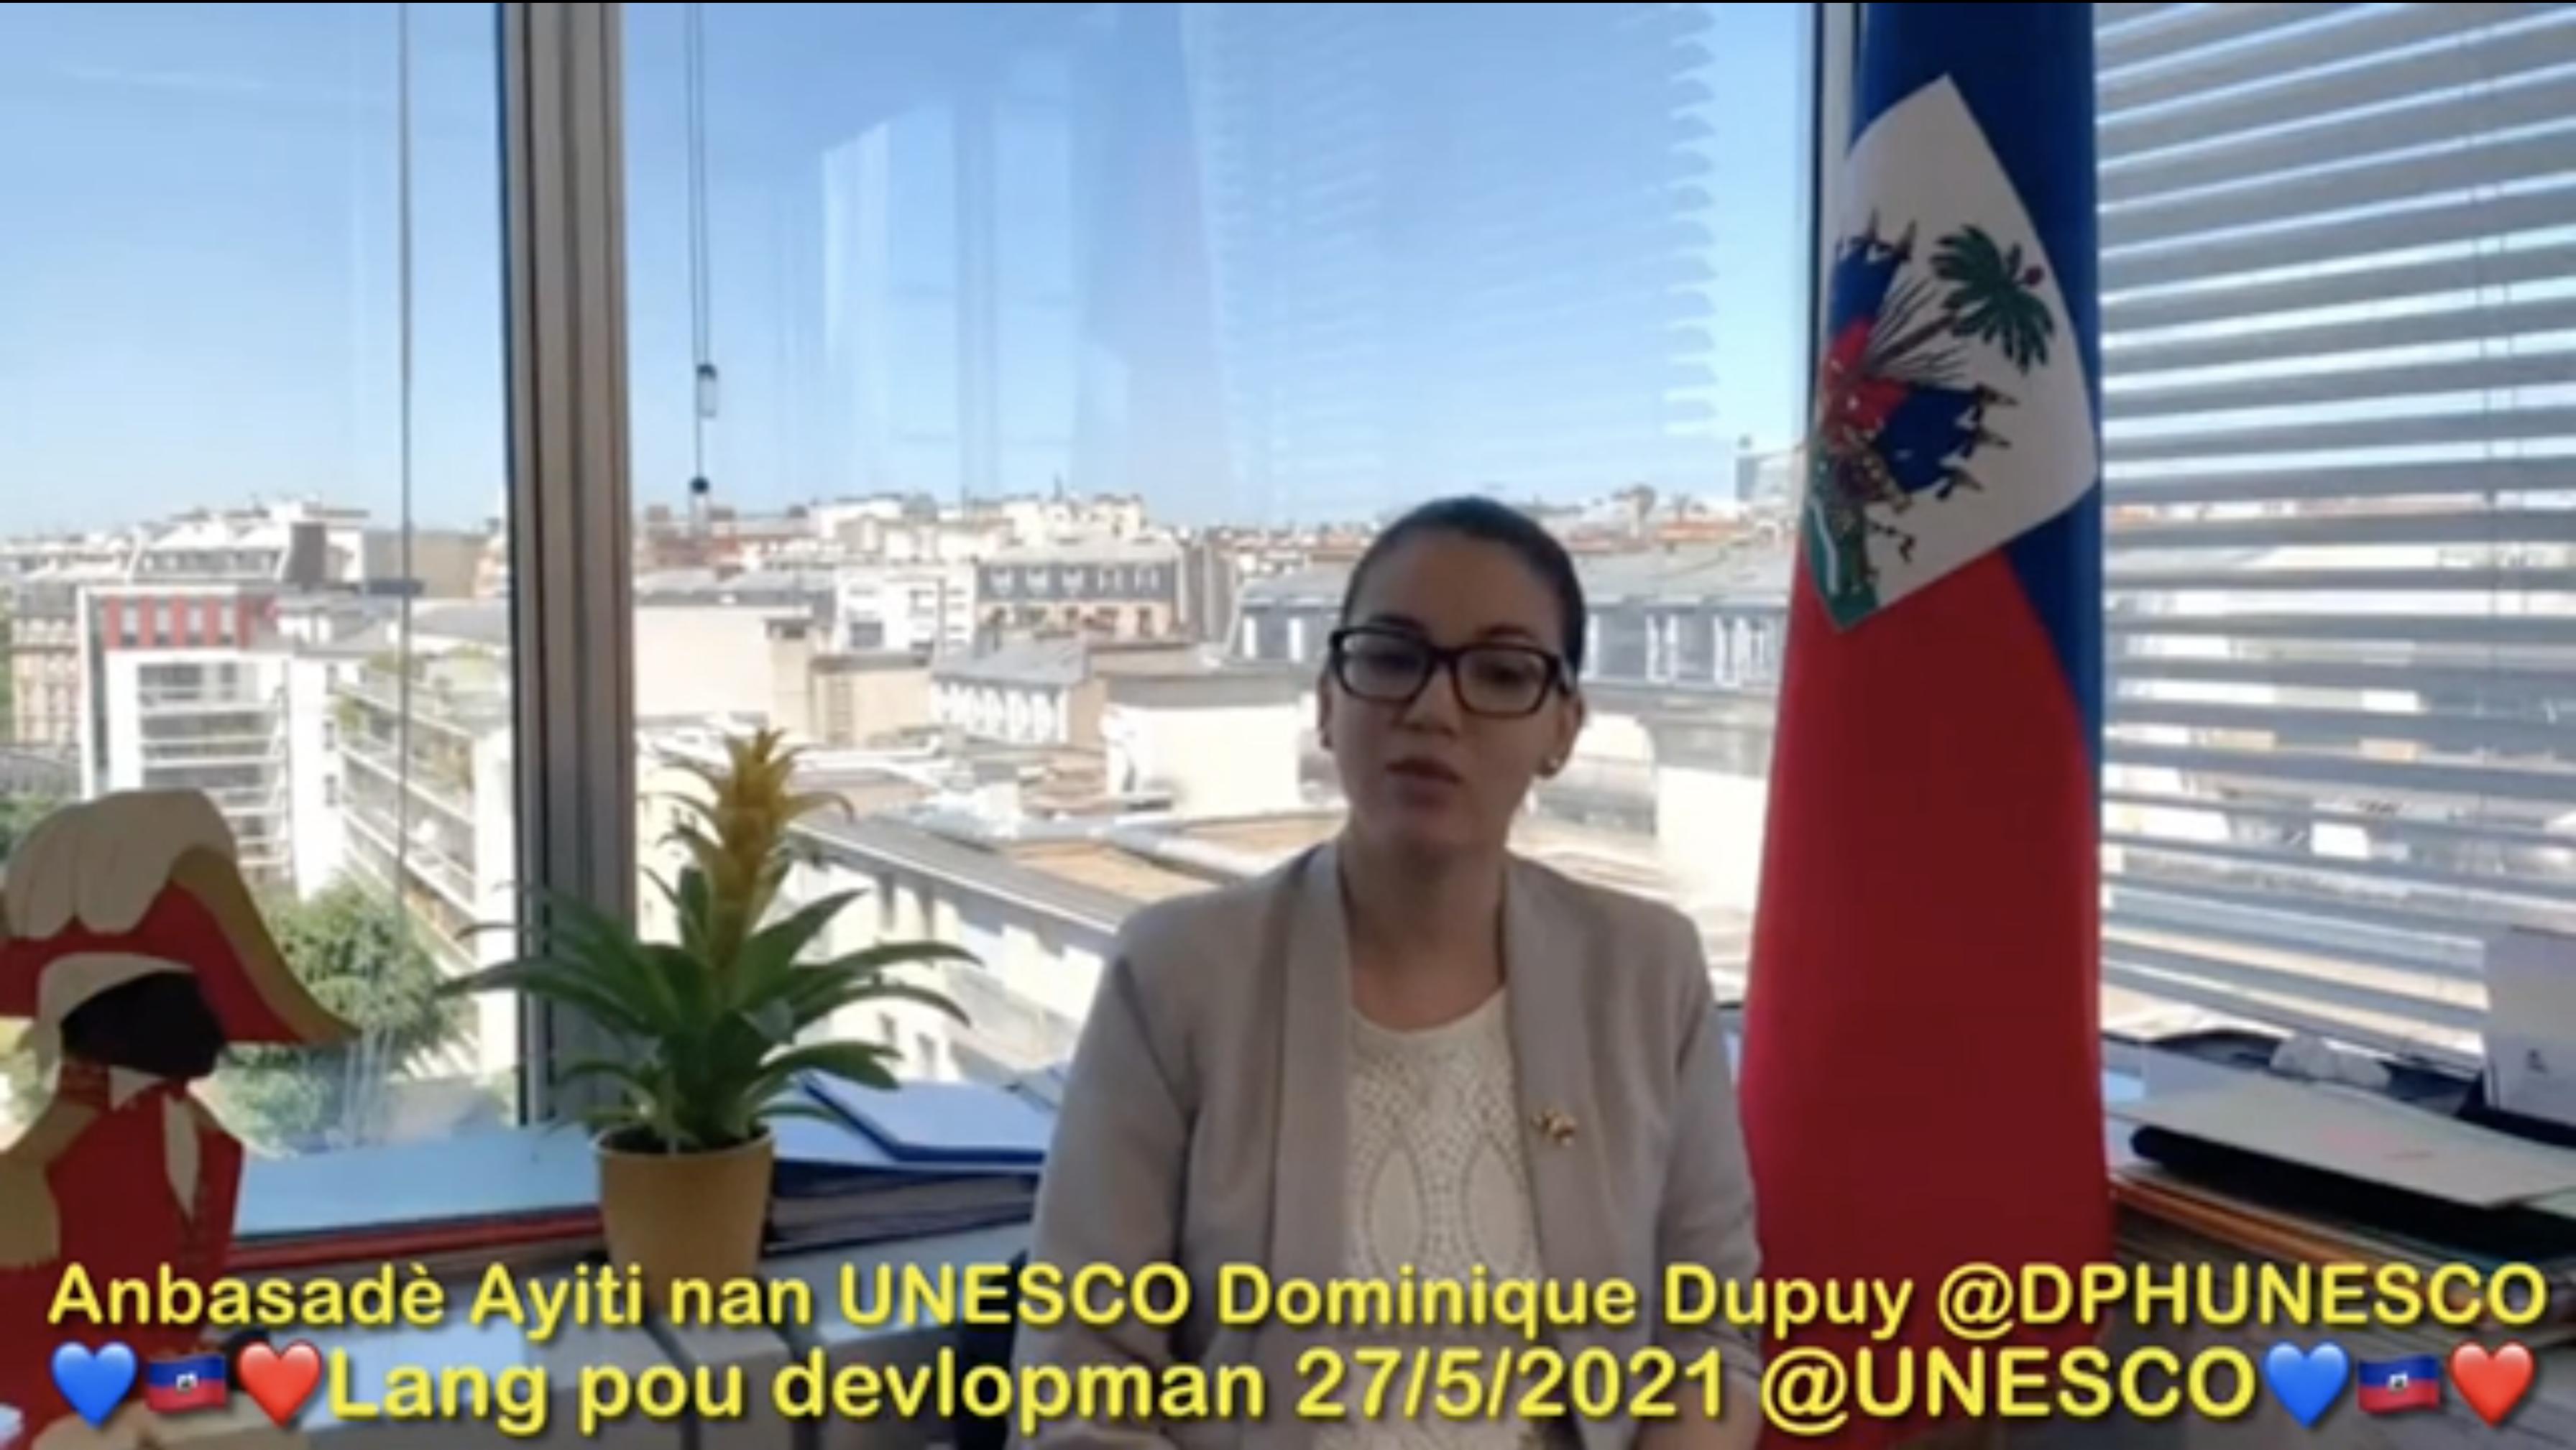 Diskou Anbasadè Ayiti nan UNESCO, Dominique Dupuy,  sou enpòtans lang manman pou devlopman